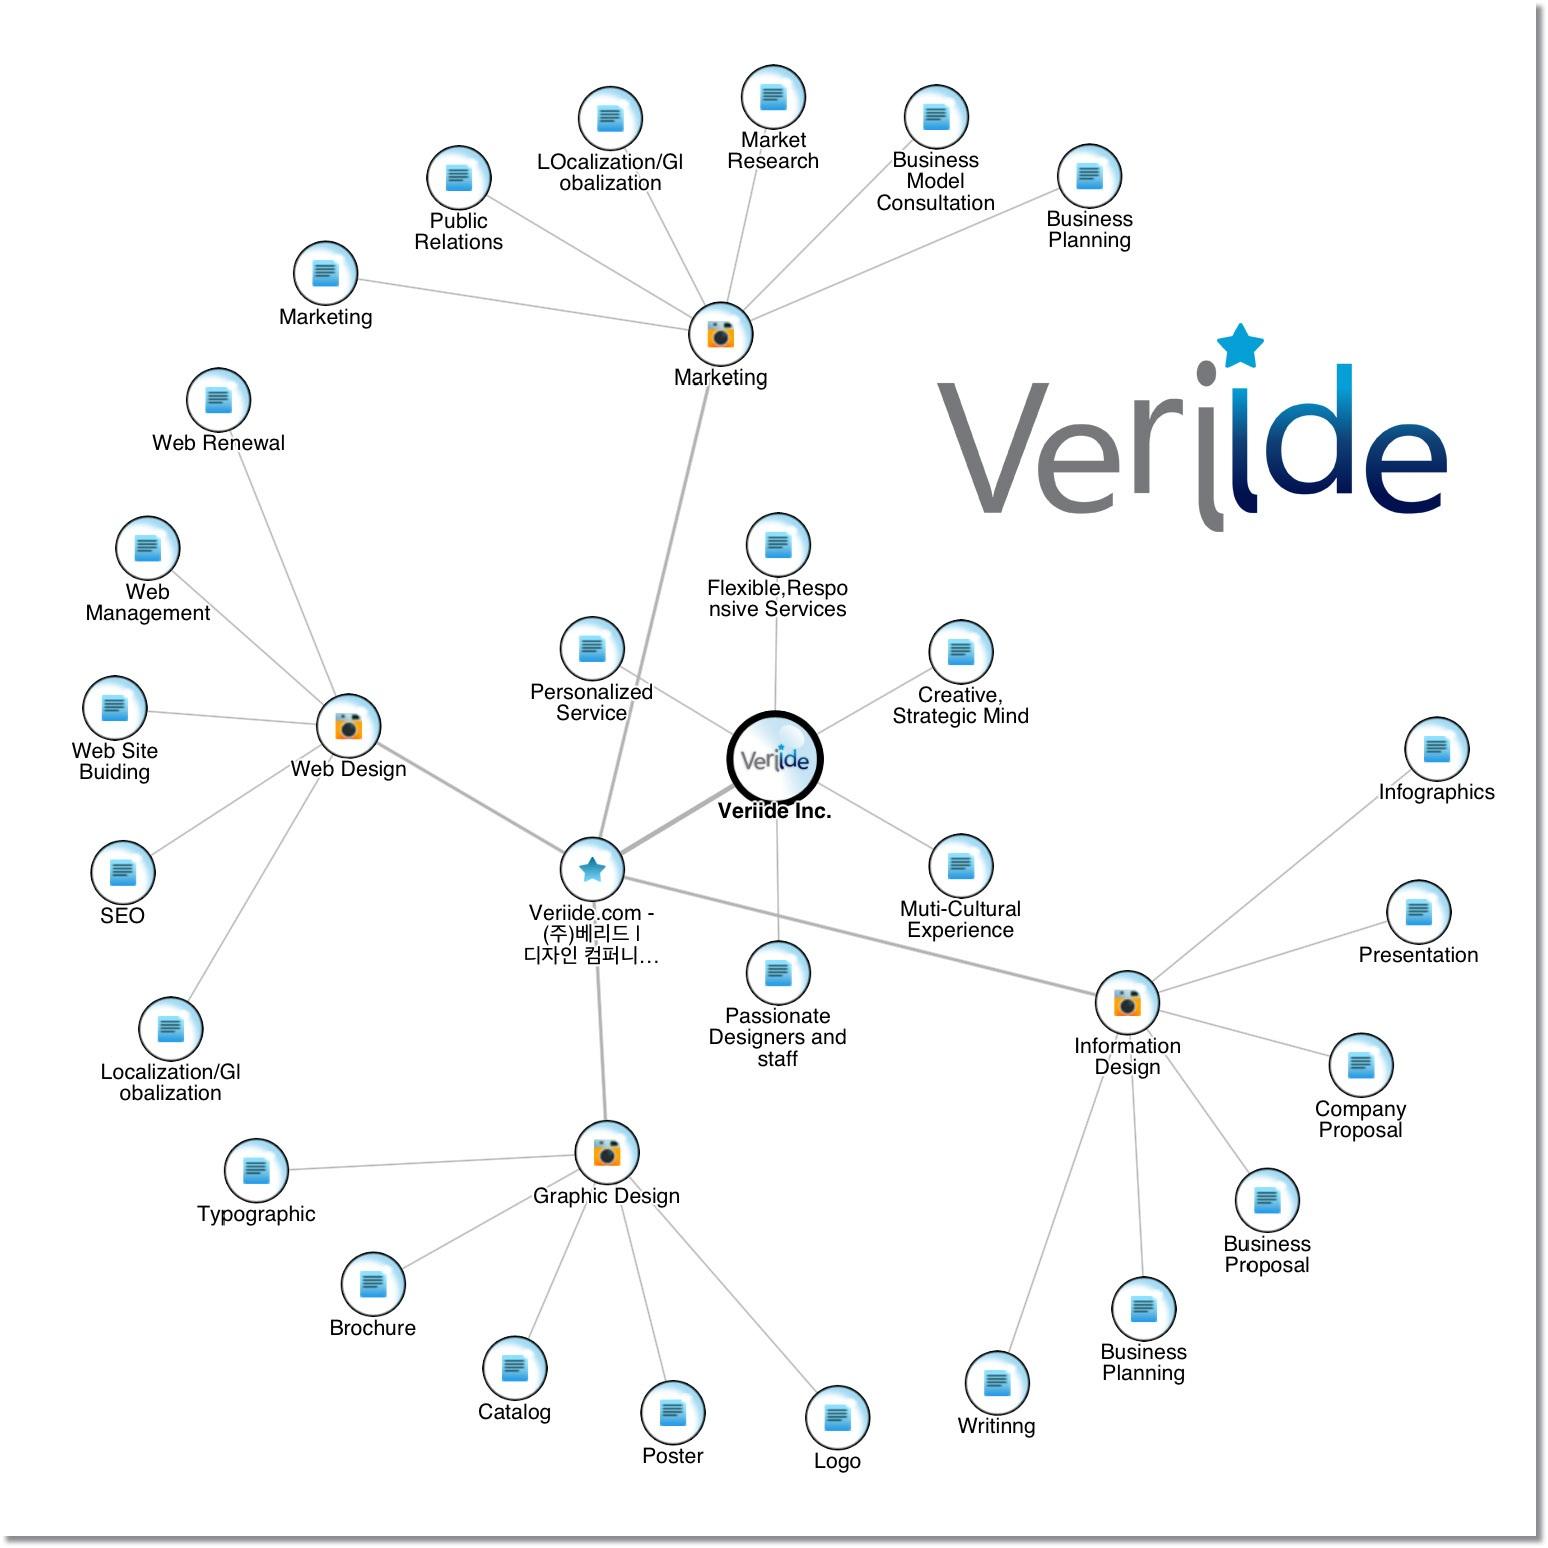 veriide's Service